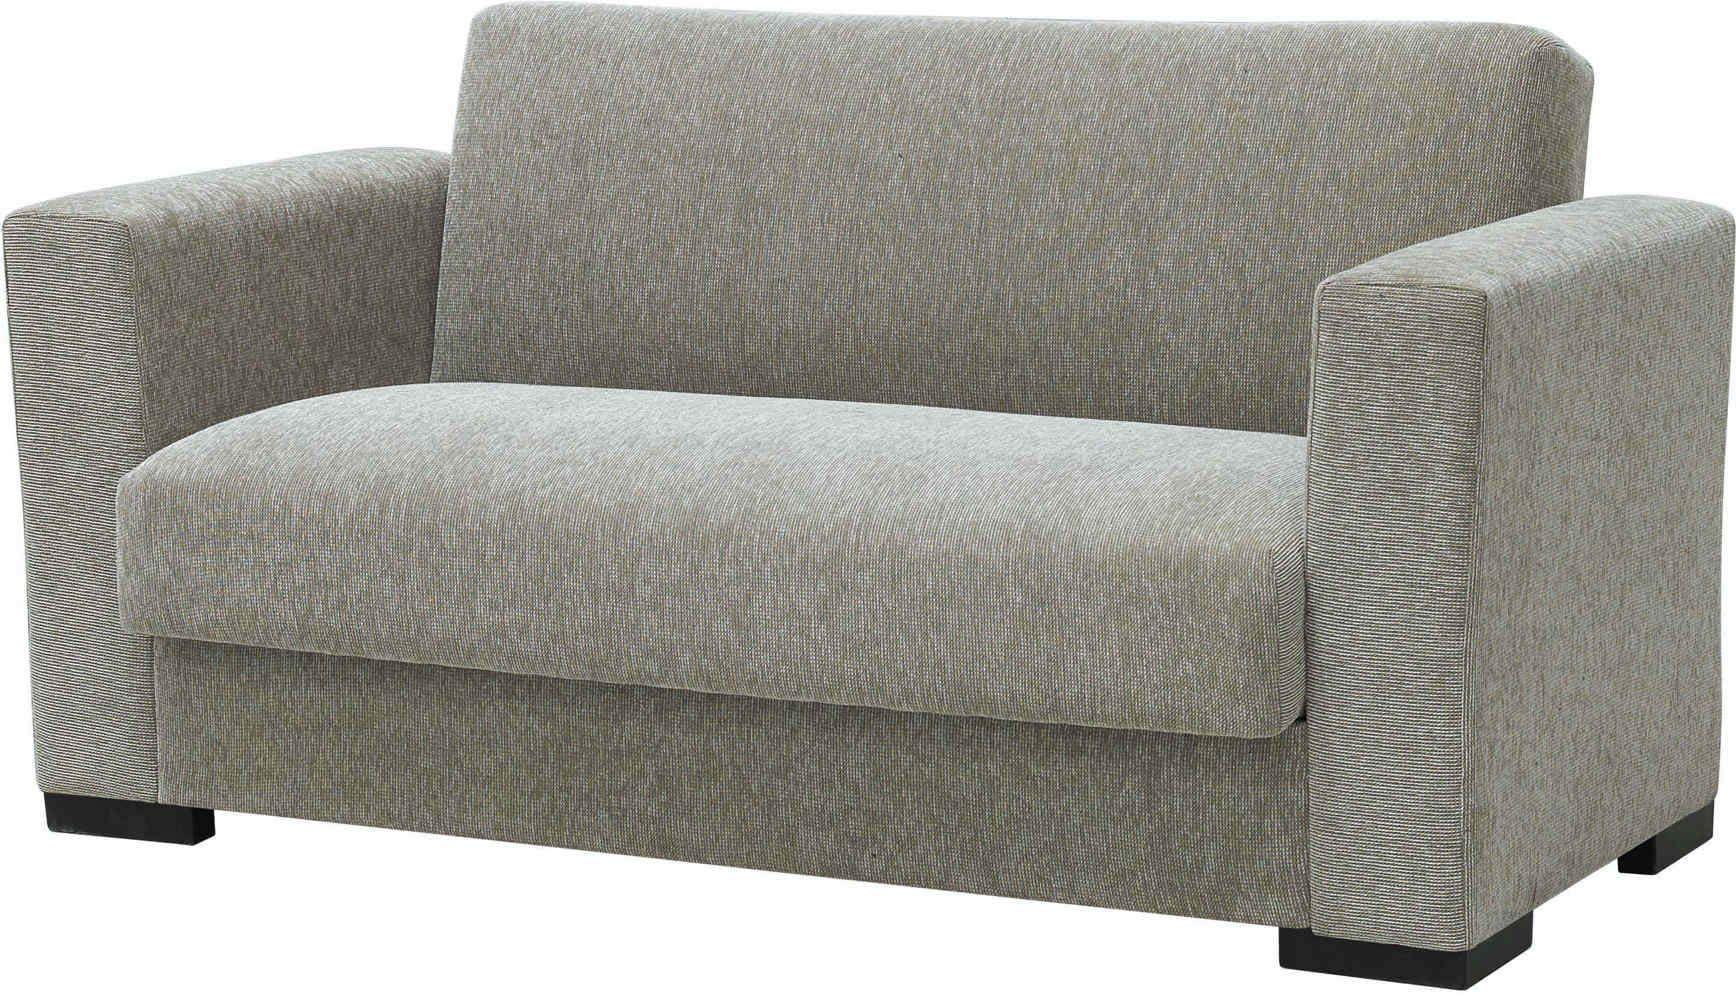 """Διθέσιος καναπές-κρεβάτι """"SILIO"""" από ύφασμα σε μπεζ χρώμα 155x75x77"""